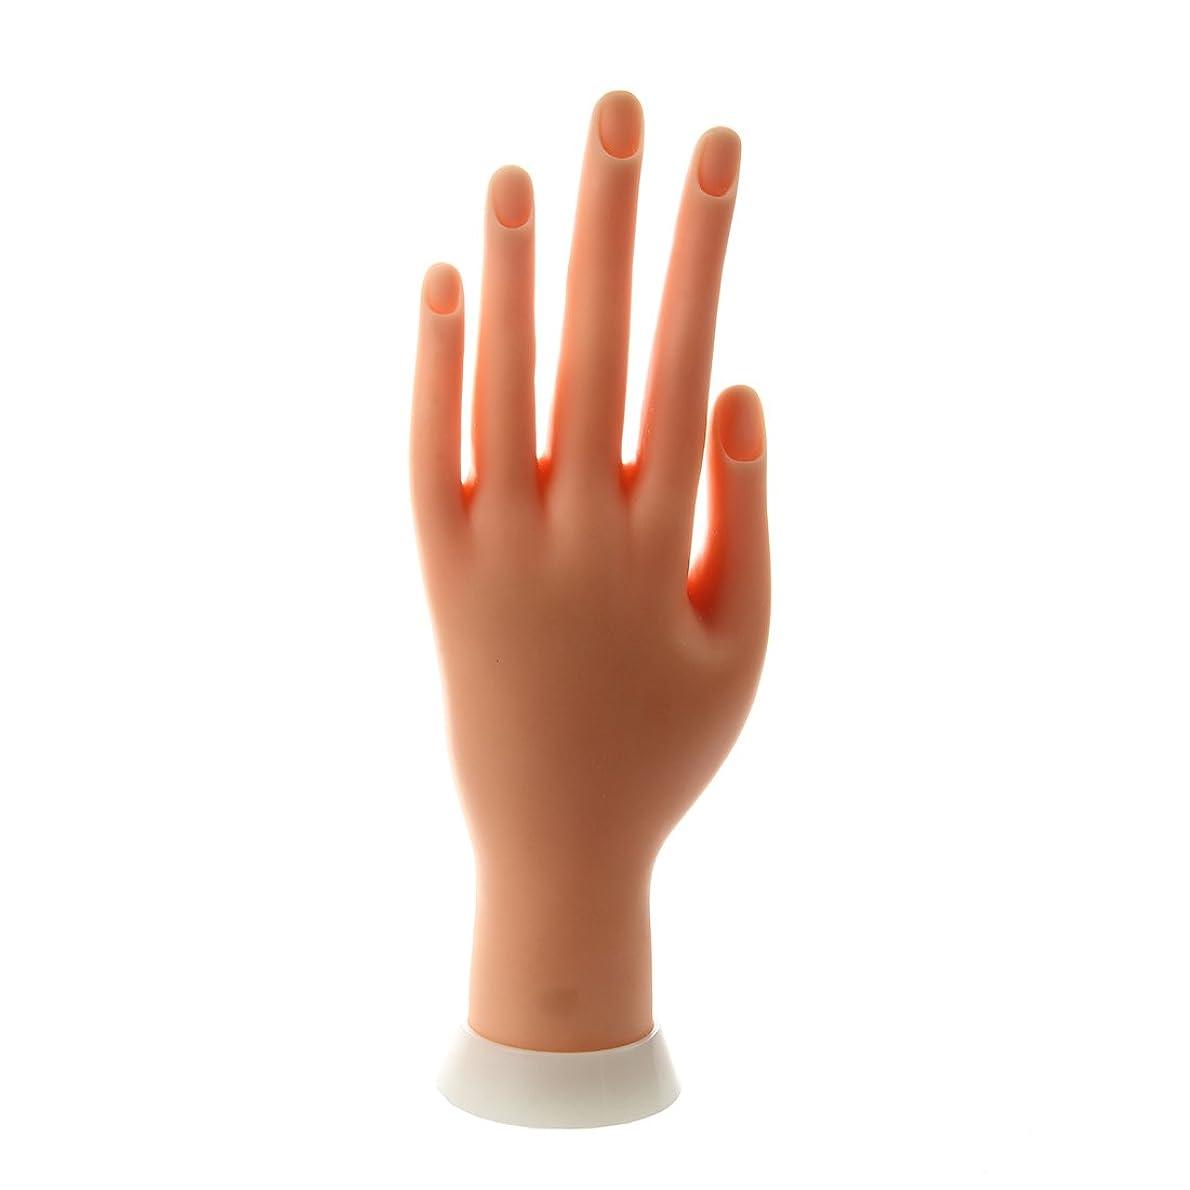 休み落胆させるローマ人Gaoominy Gaoominy(R) ネイルアートの練習のためのモデル左手